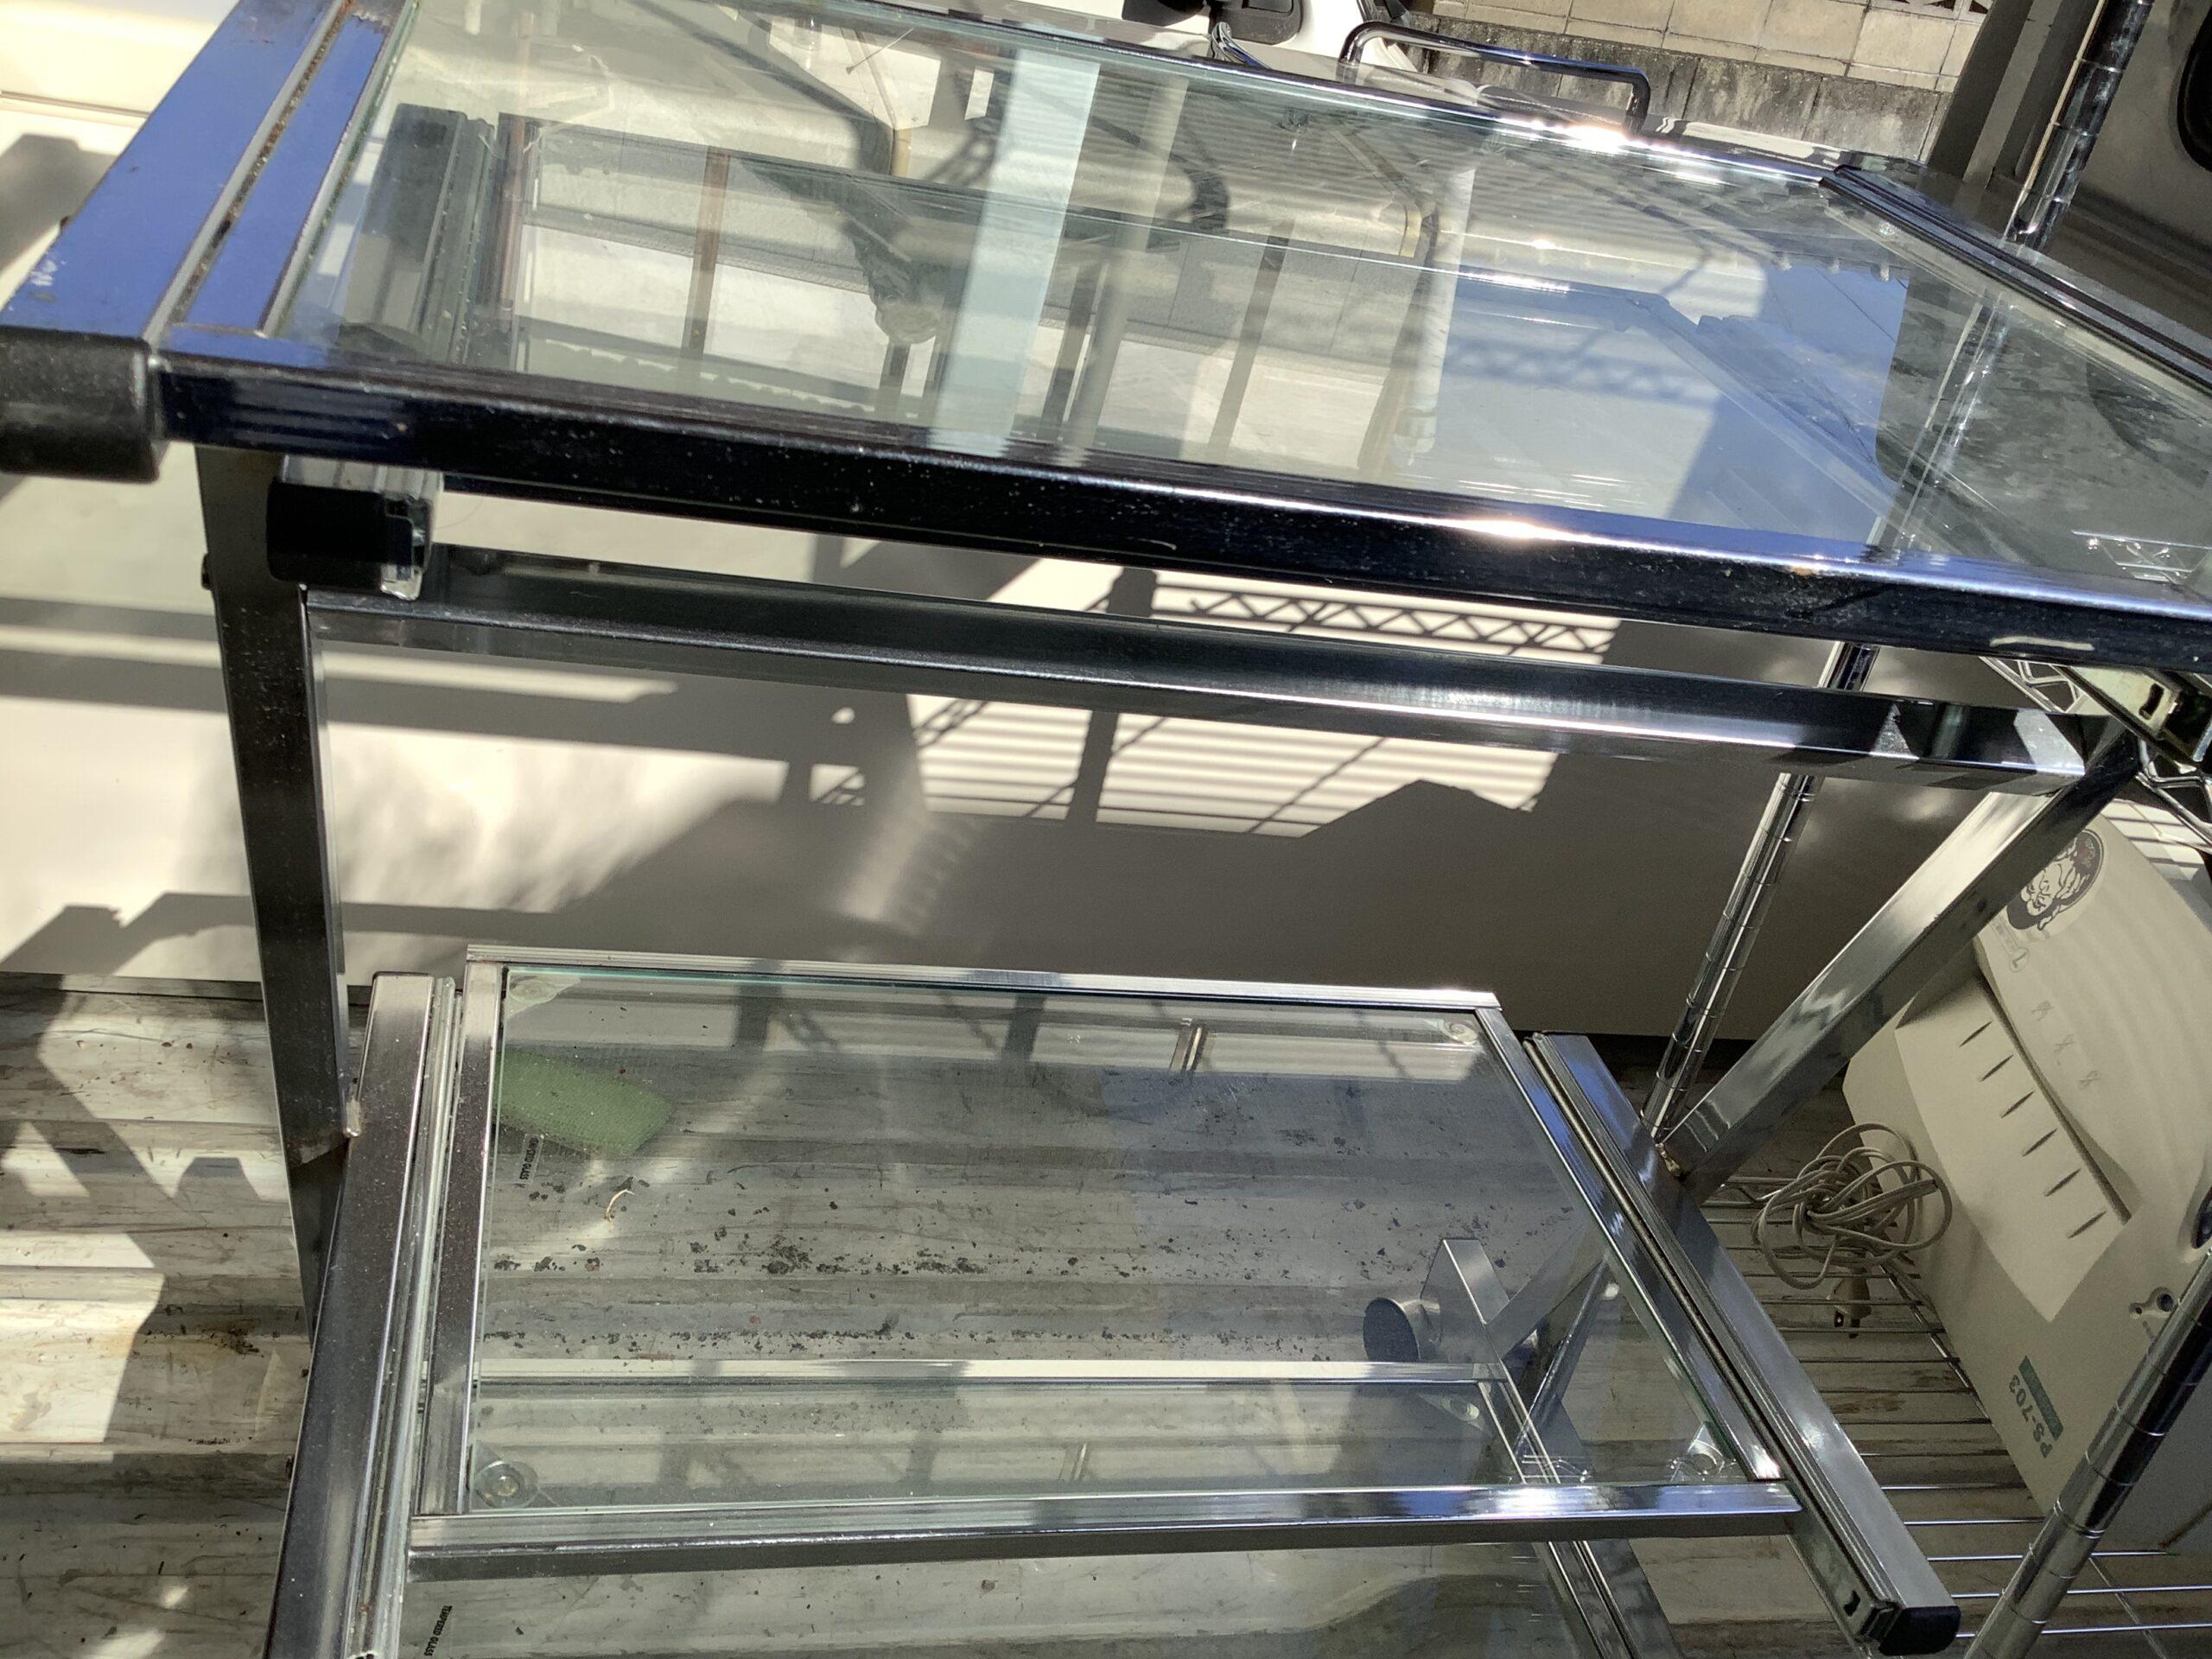 福山市伊勢丘で回収したガラステーブル